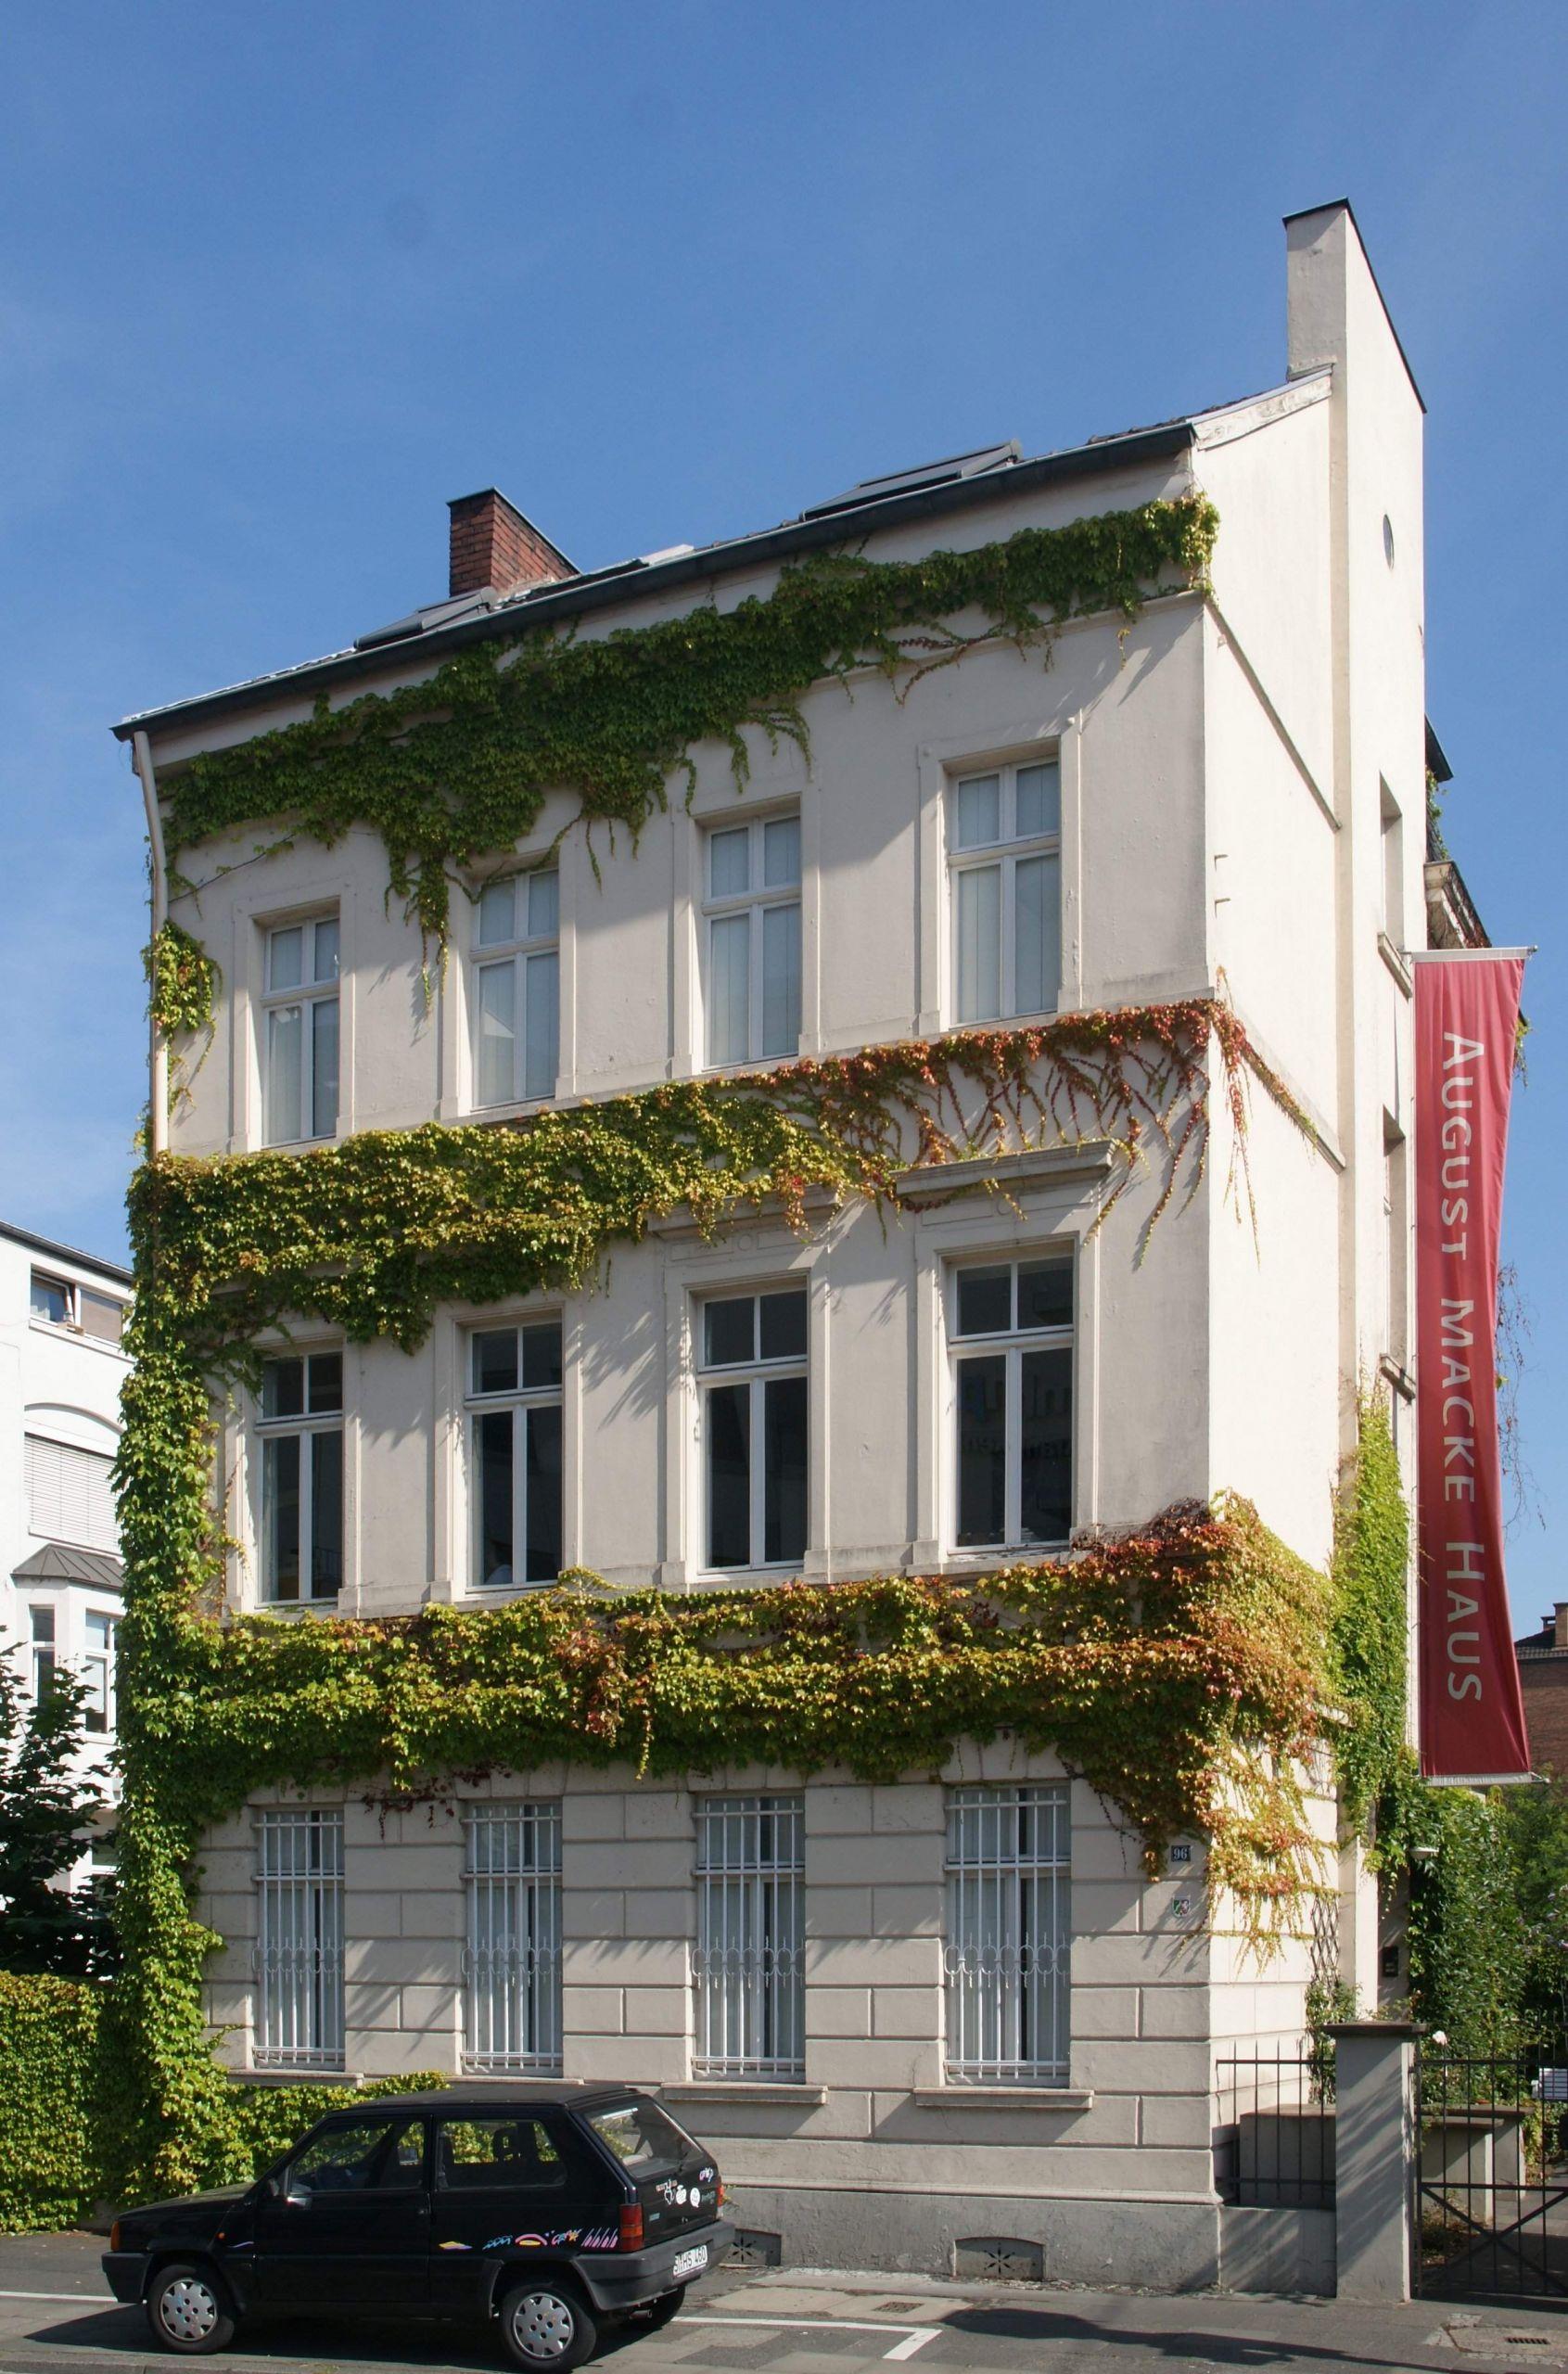 August Macke Haus Bonn